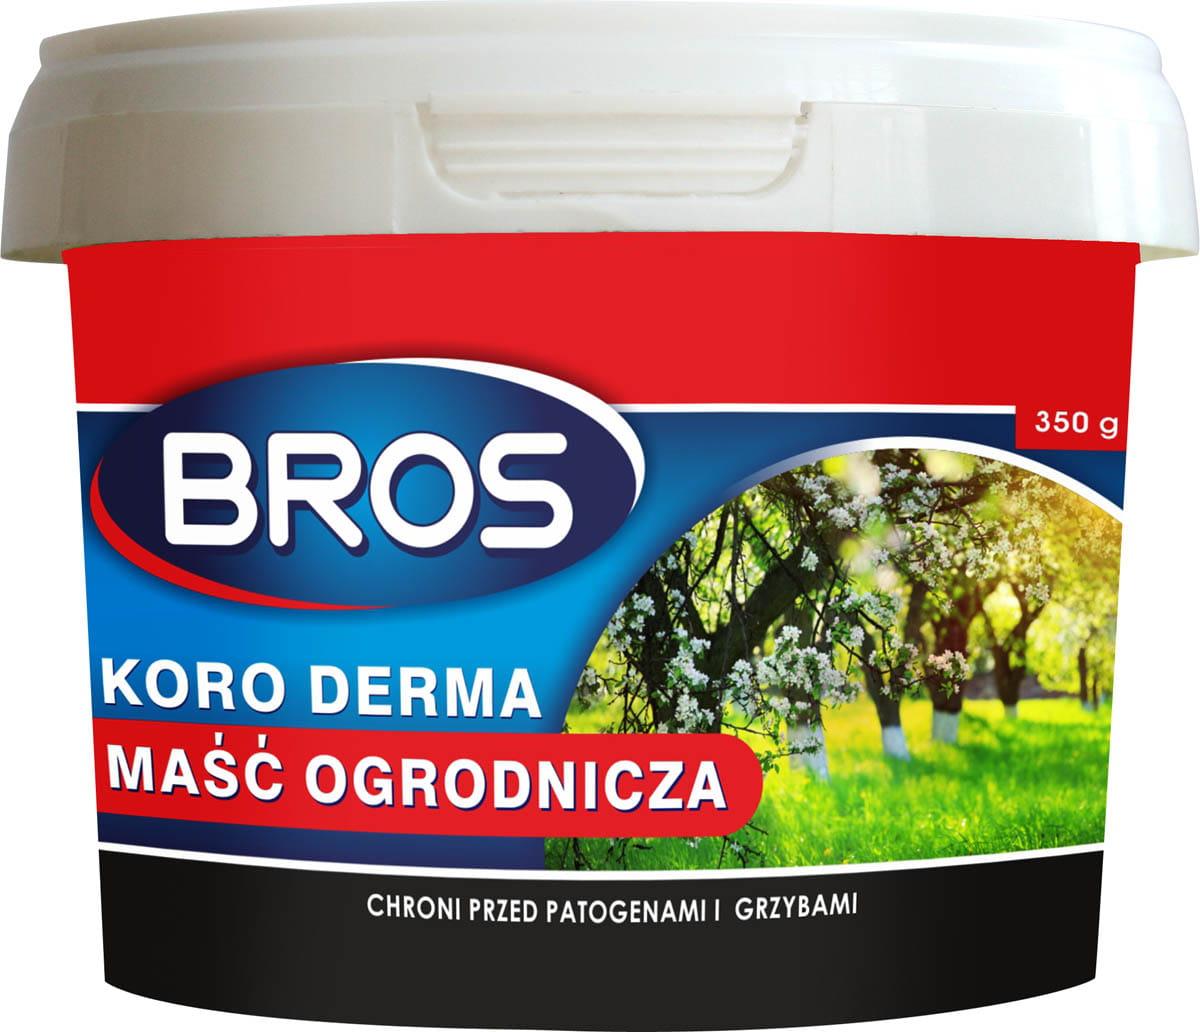 Maść ogrodnicza do drzew Koro-Derma 1kg Bros